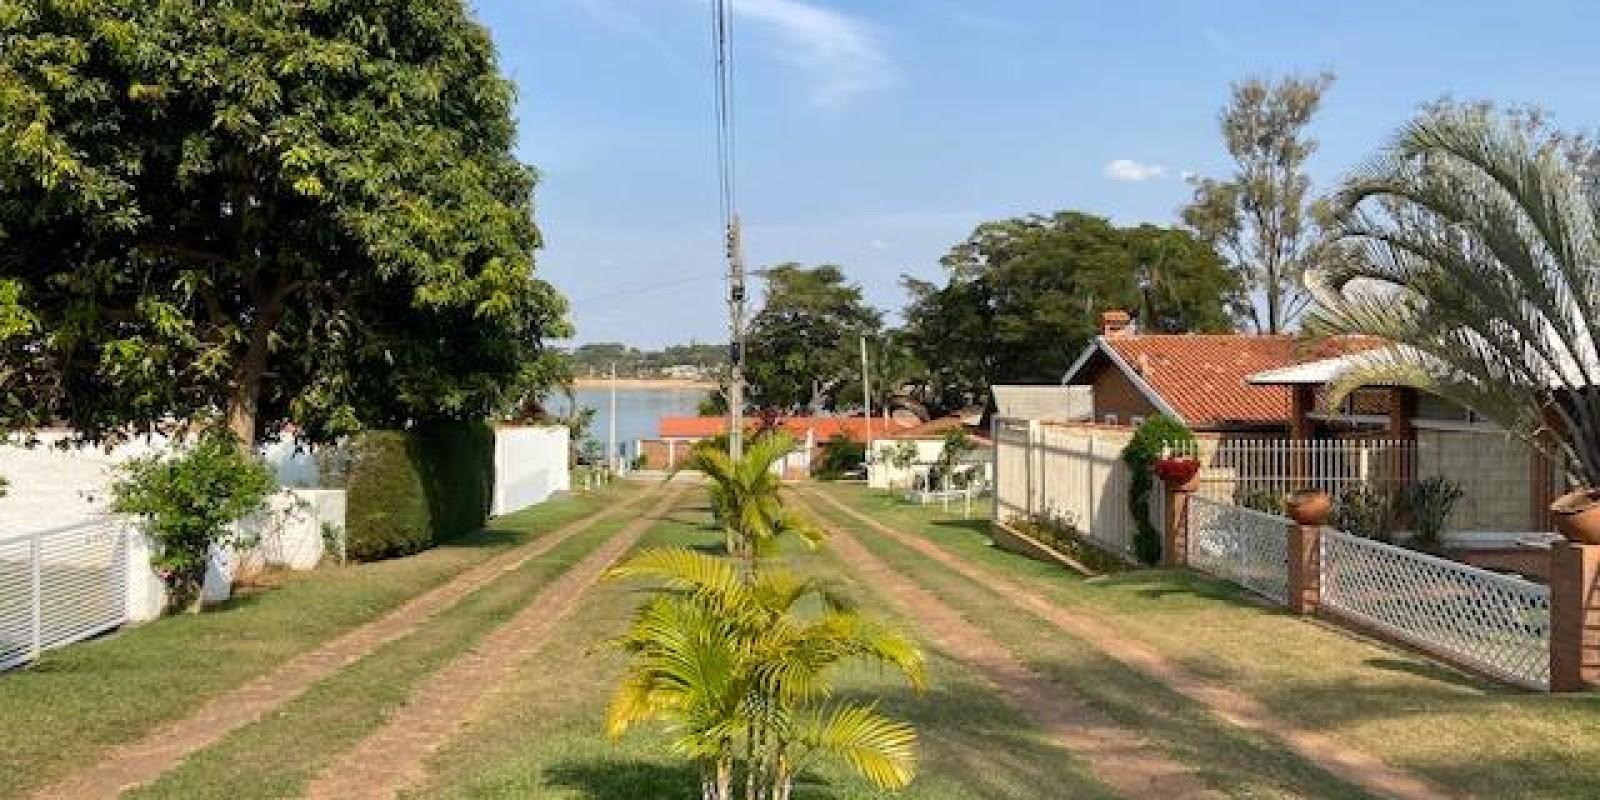 Casa na Represa no Condomínio Chale da Prainha em Avaré SP